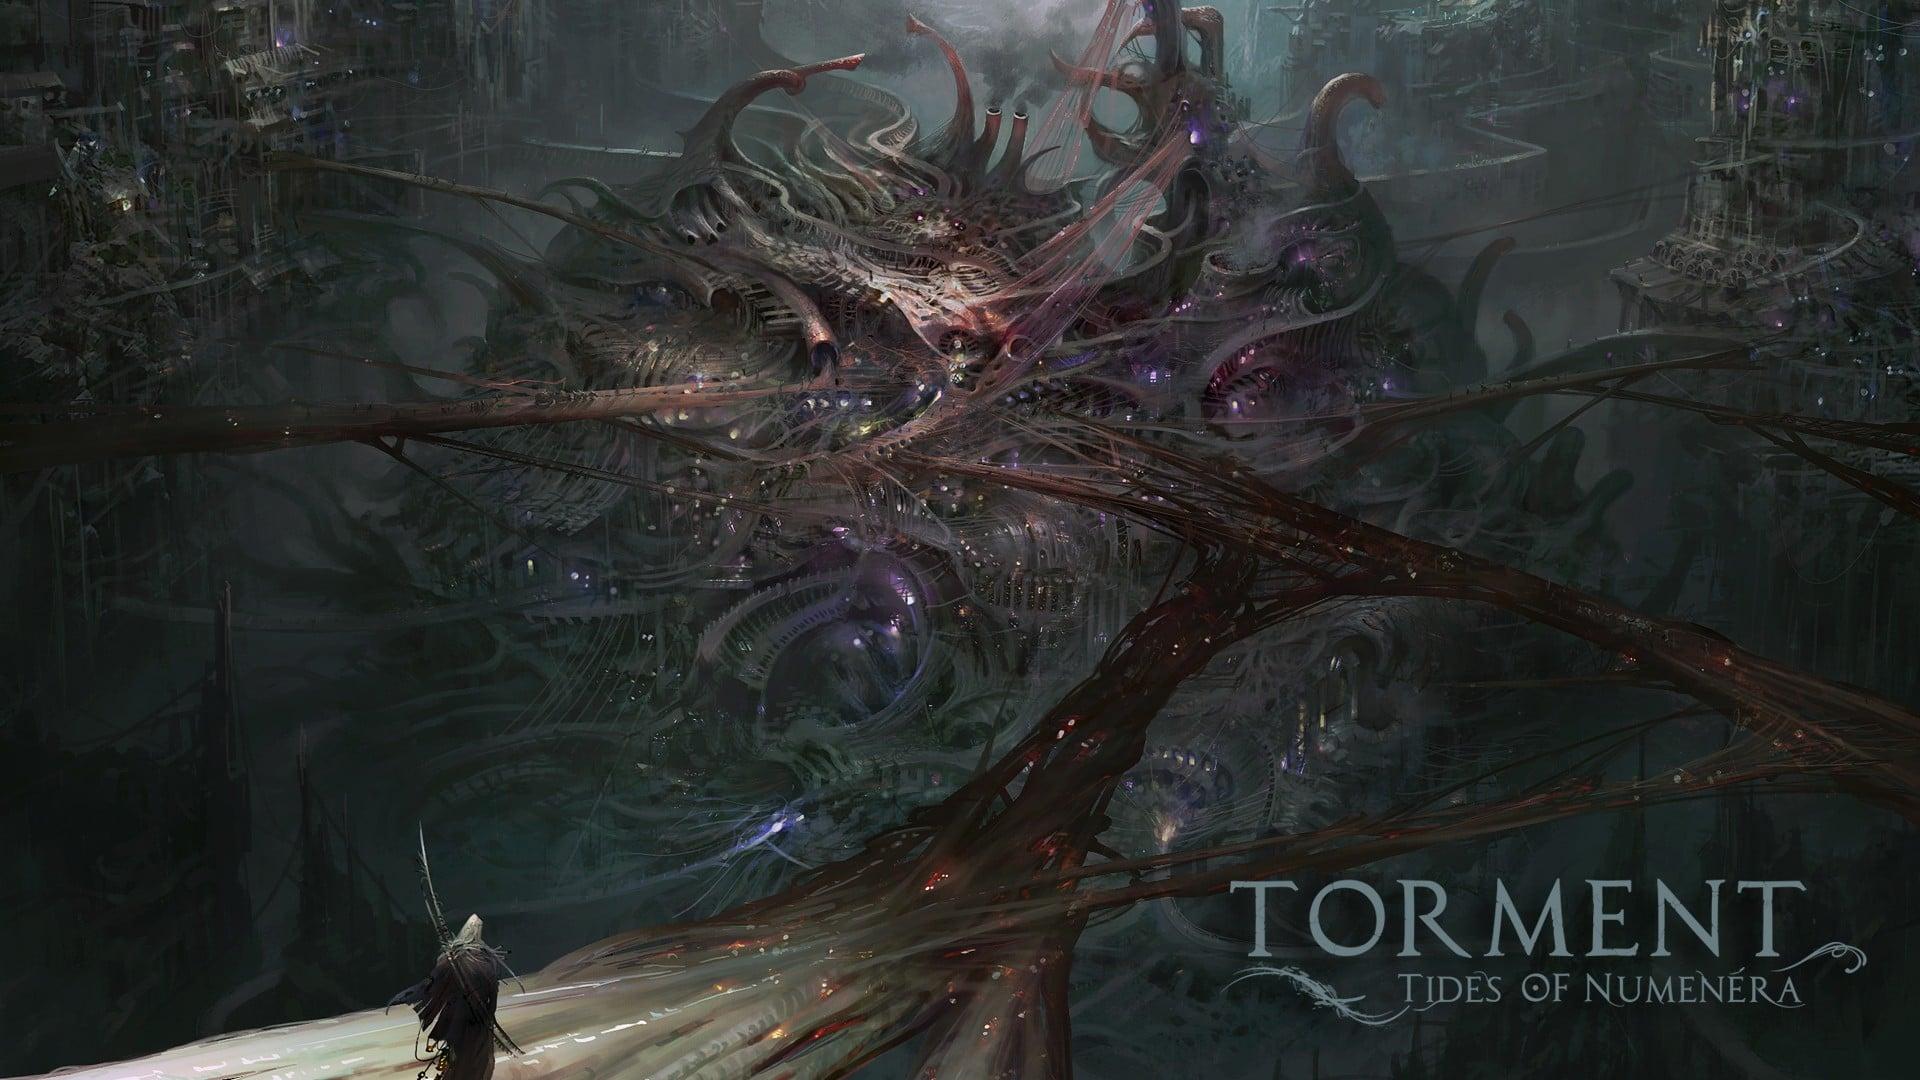 Requisitos para instalar Torment Tides of Numenera